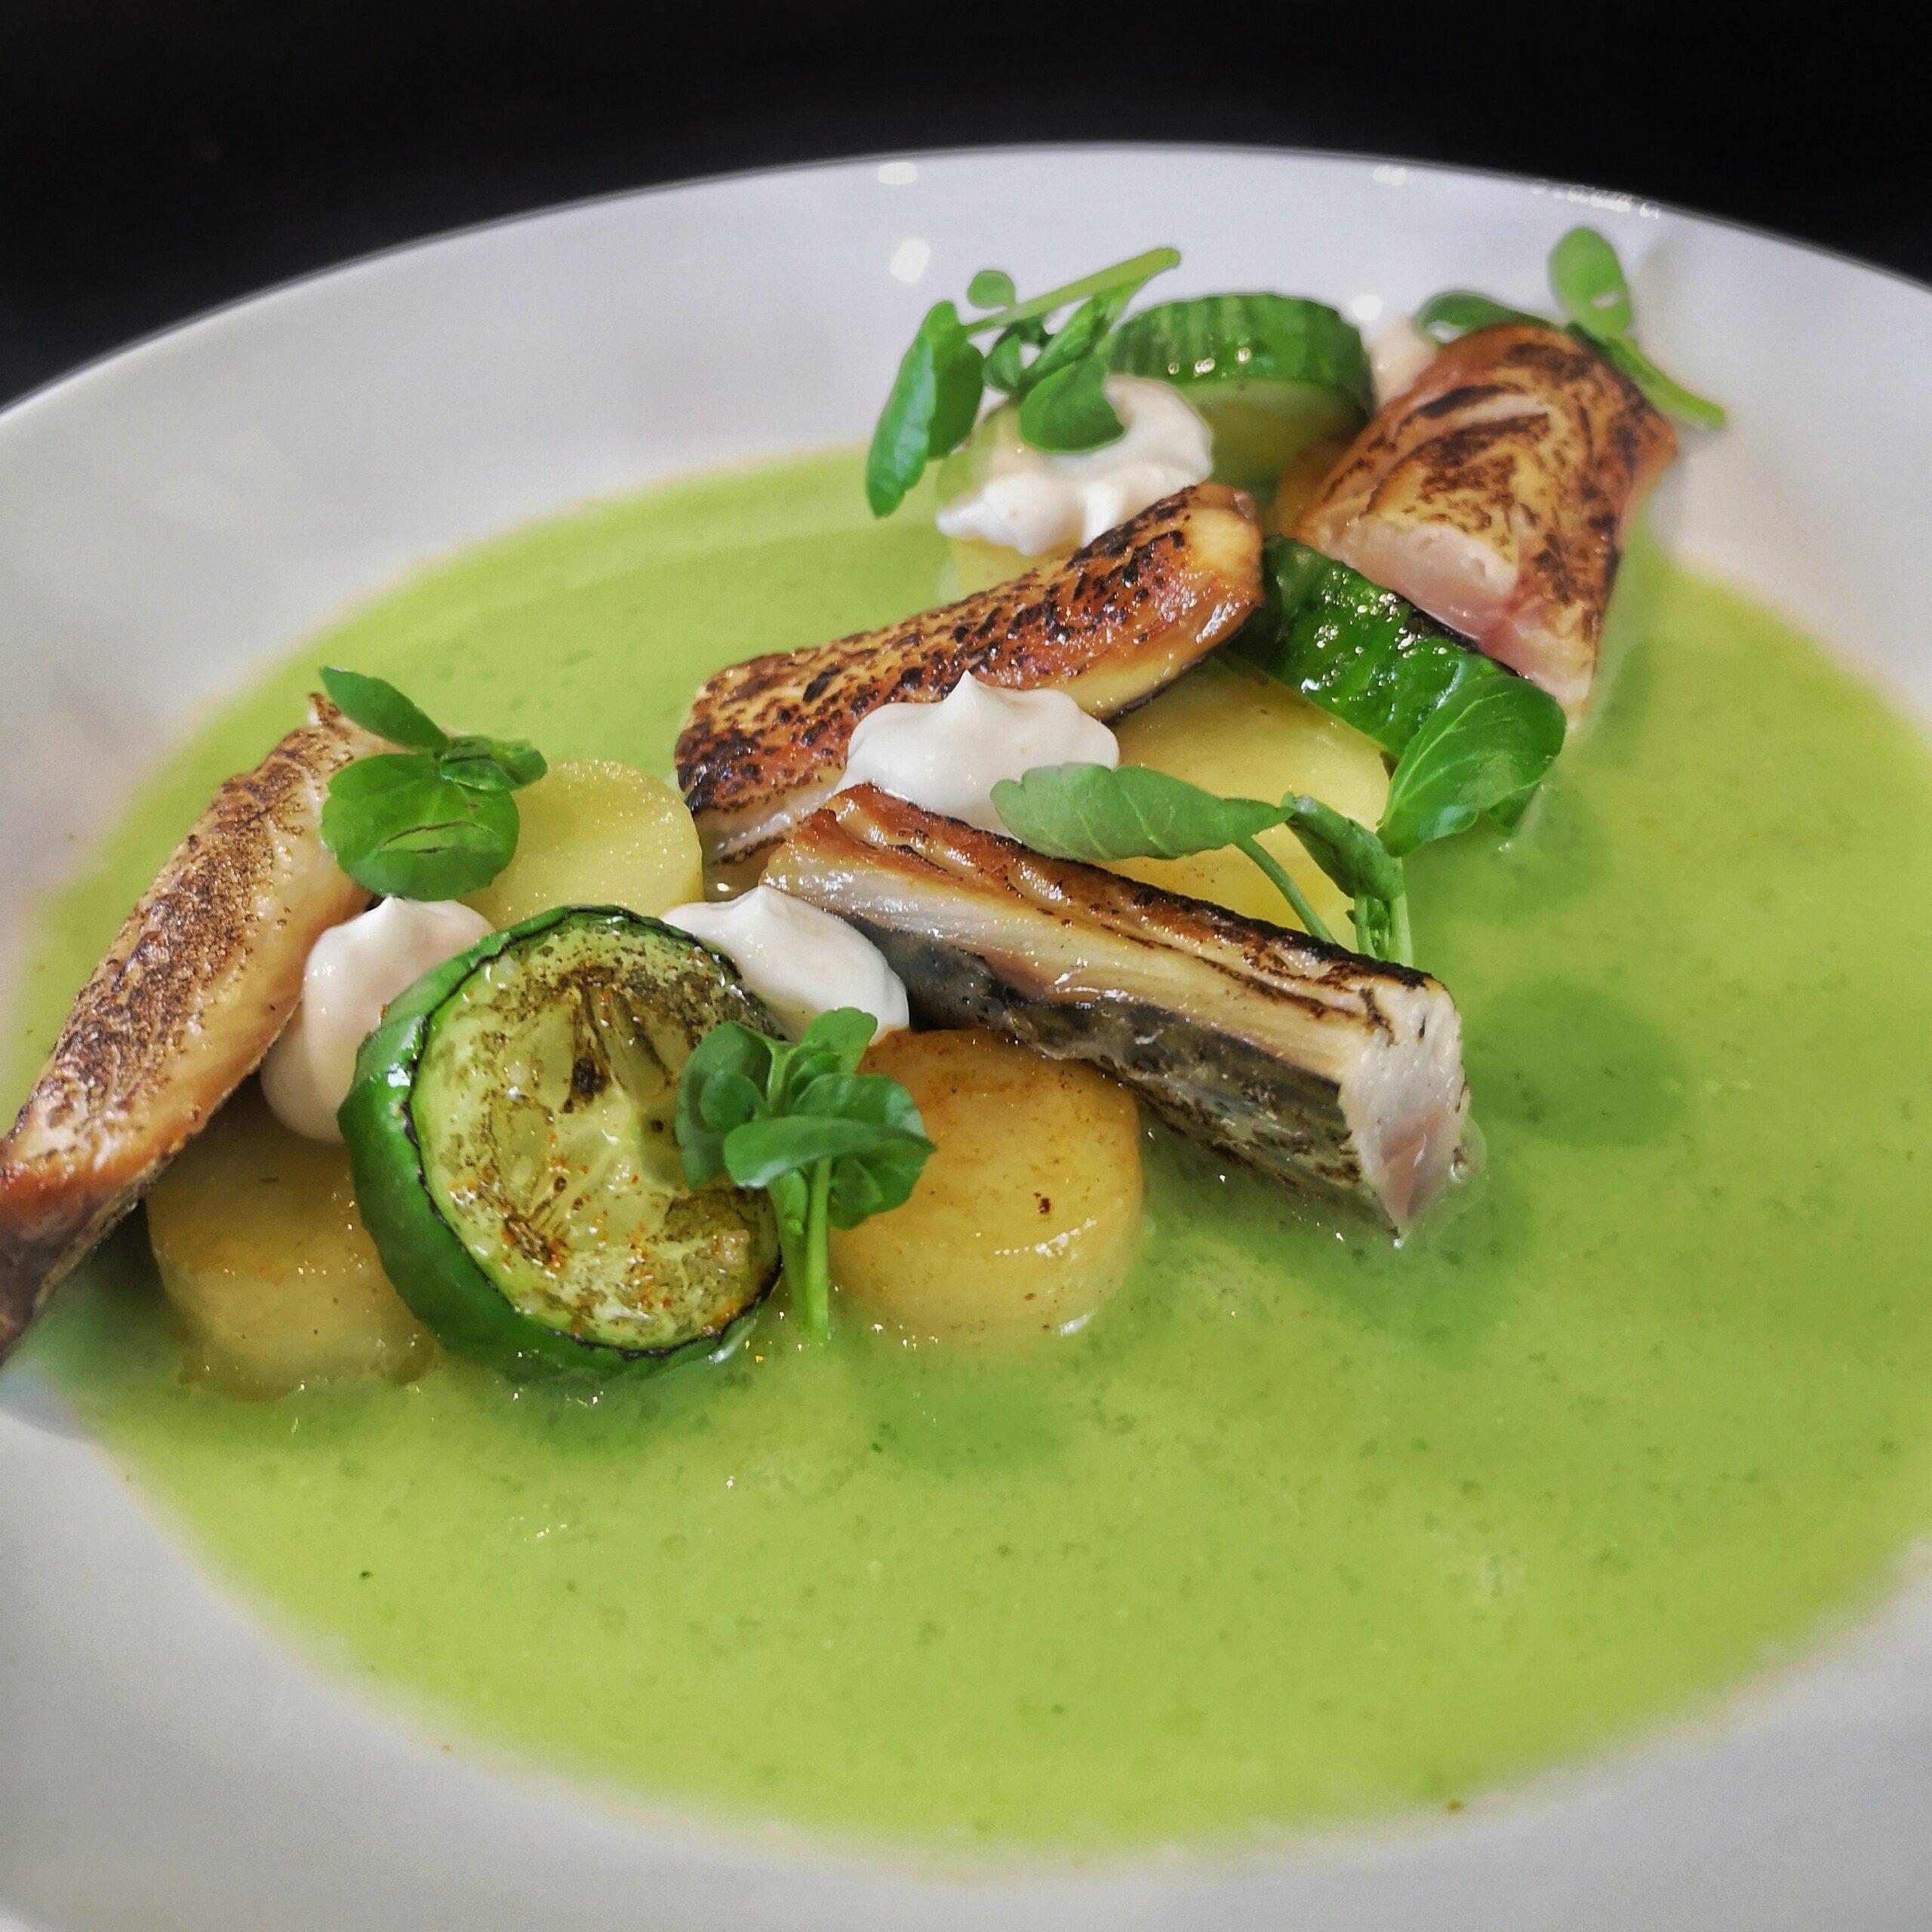 Gemarineerde en gebrande makreel met gazpacho van komkommer, hangup en koolrabi